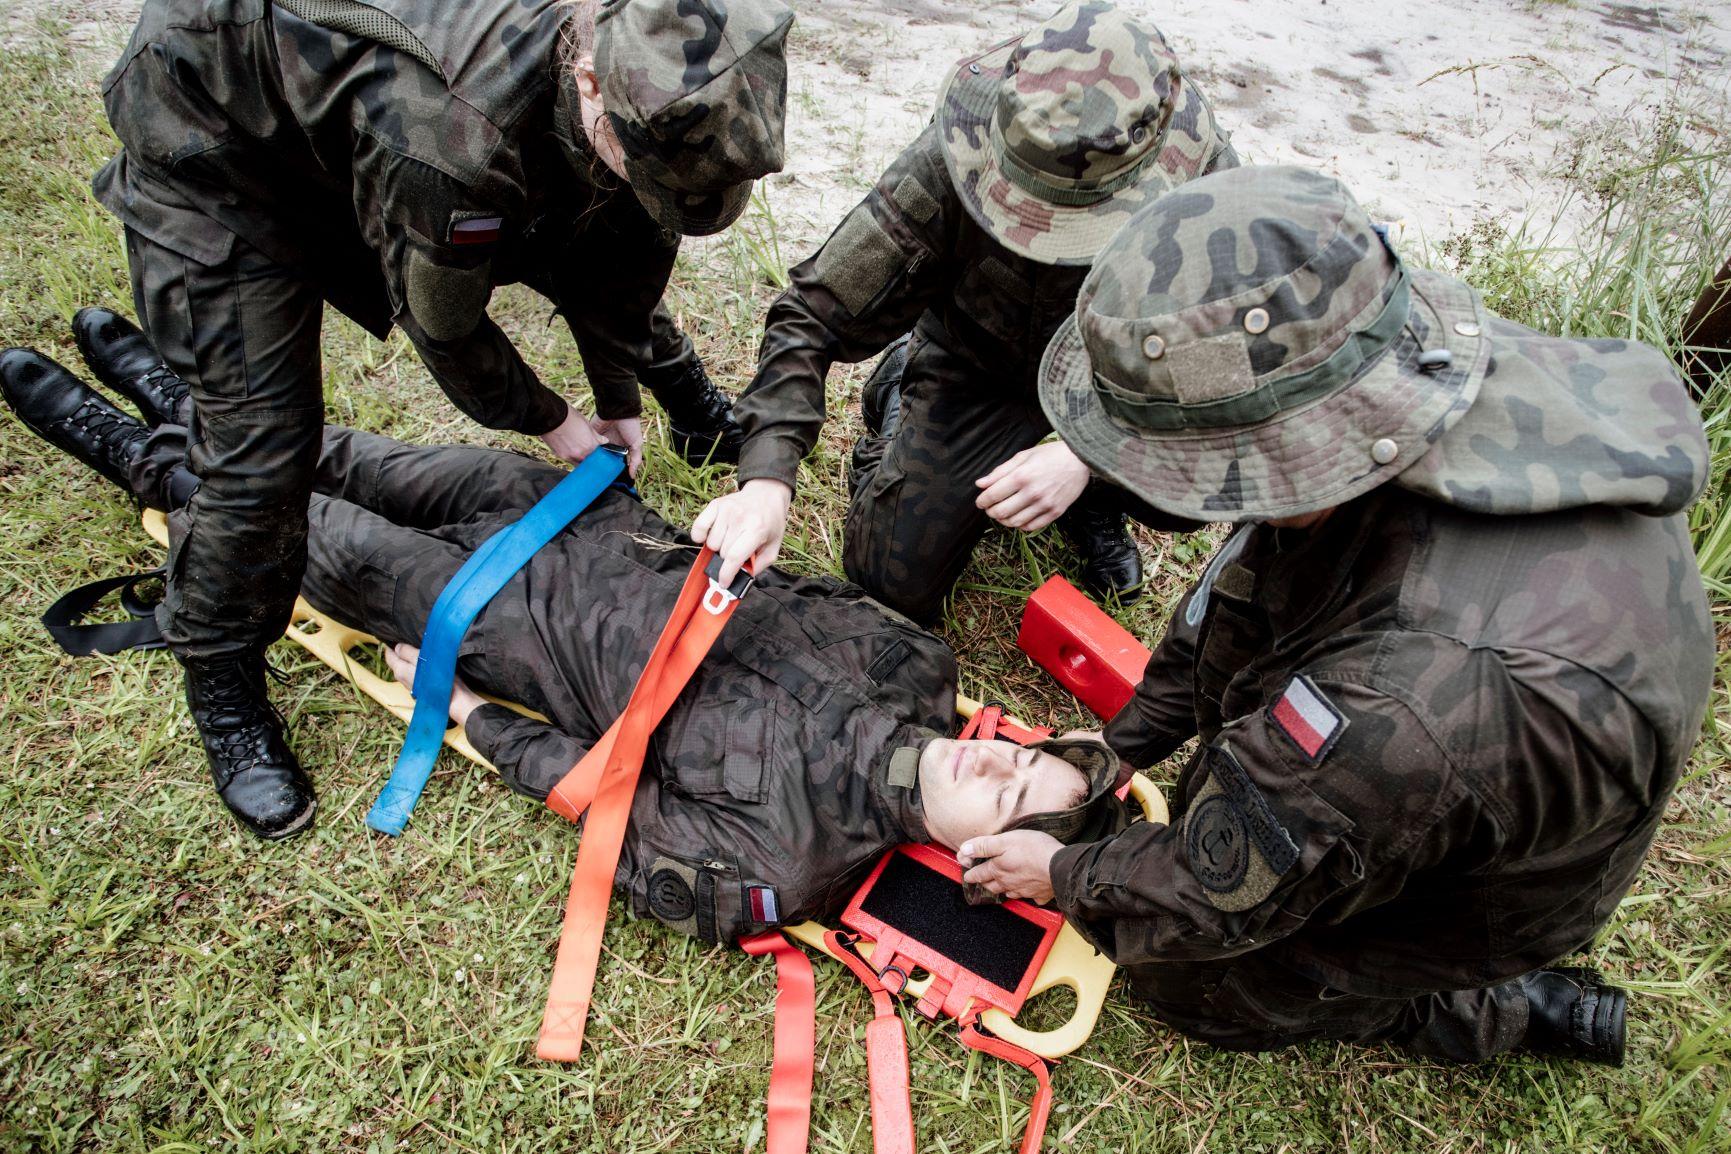 2 lbot cwiczenia z wopr jacnia 03072021 2 Akcja ratownicza na zalewie w Jacni z udziałem zamojskich Terytorialsów i WOPRU